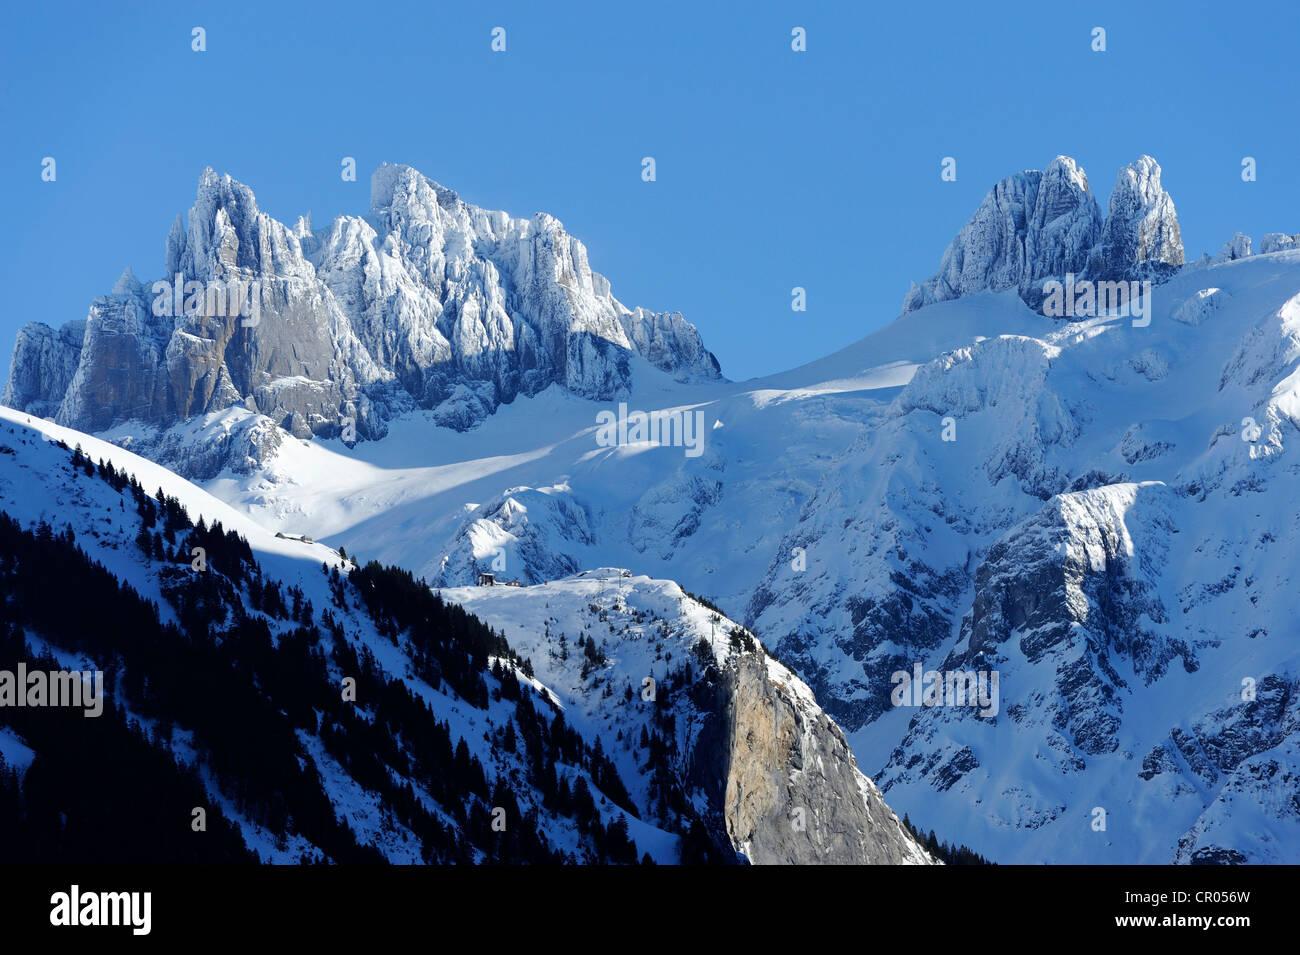 Klein und Gross Spannort Berge, Engelberg, Obwalden, Schweiz, Europa Stockbild